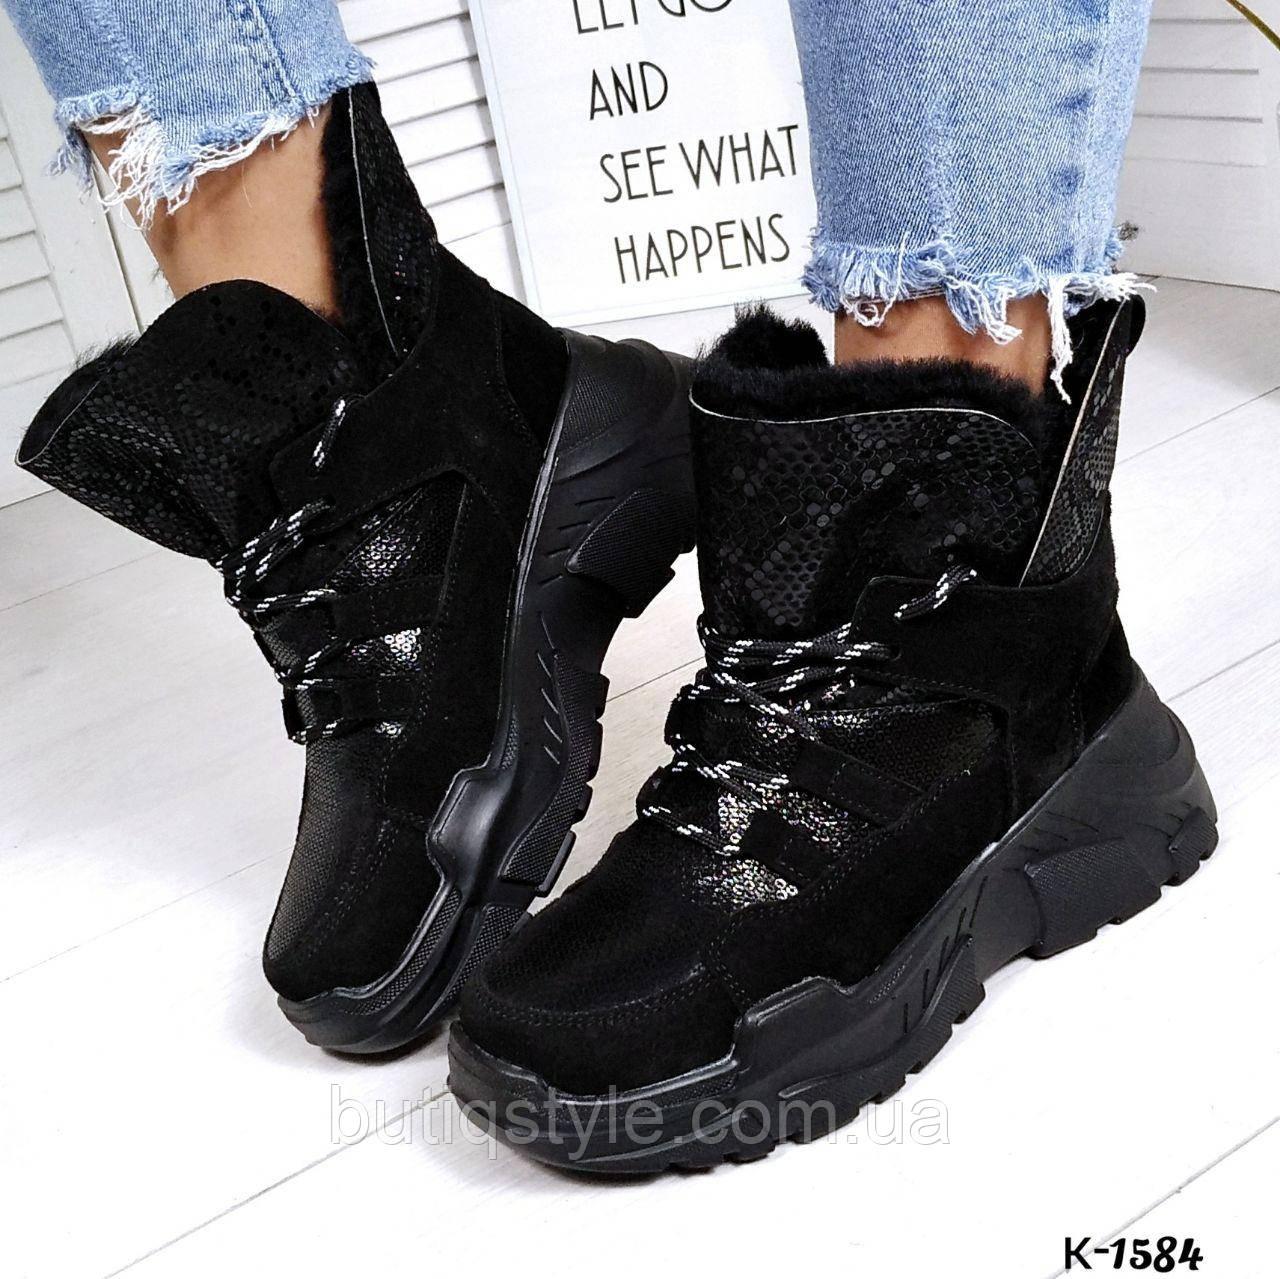 Зимние черные ботинки натуральная кожа + замша на платформе